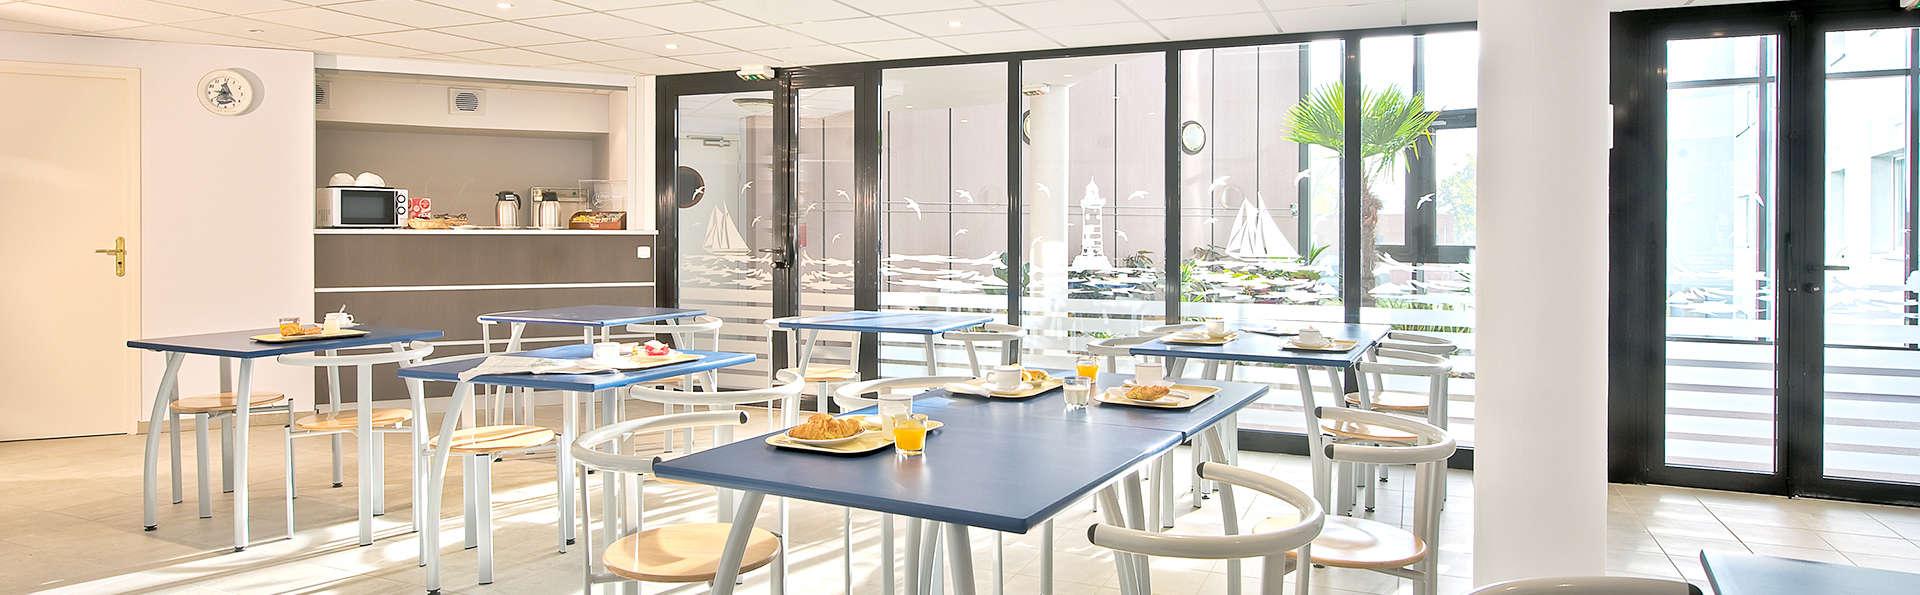 Zenitude Hôtel Résidences - Les Hauts d'Annecy - Edit_Restaurant.jpg